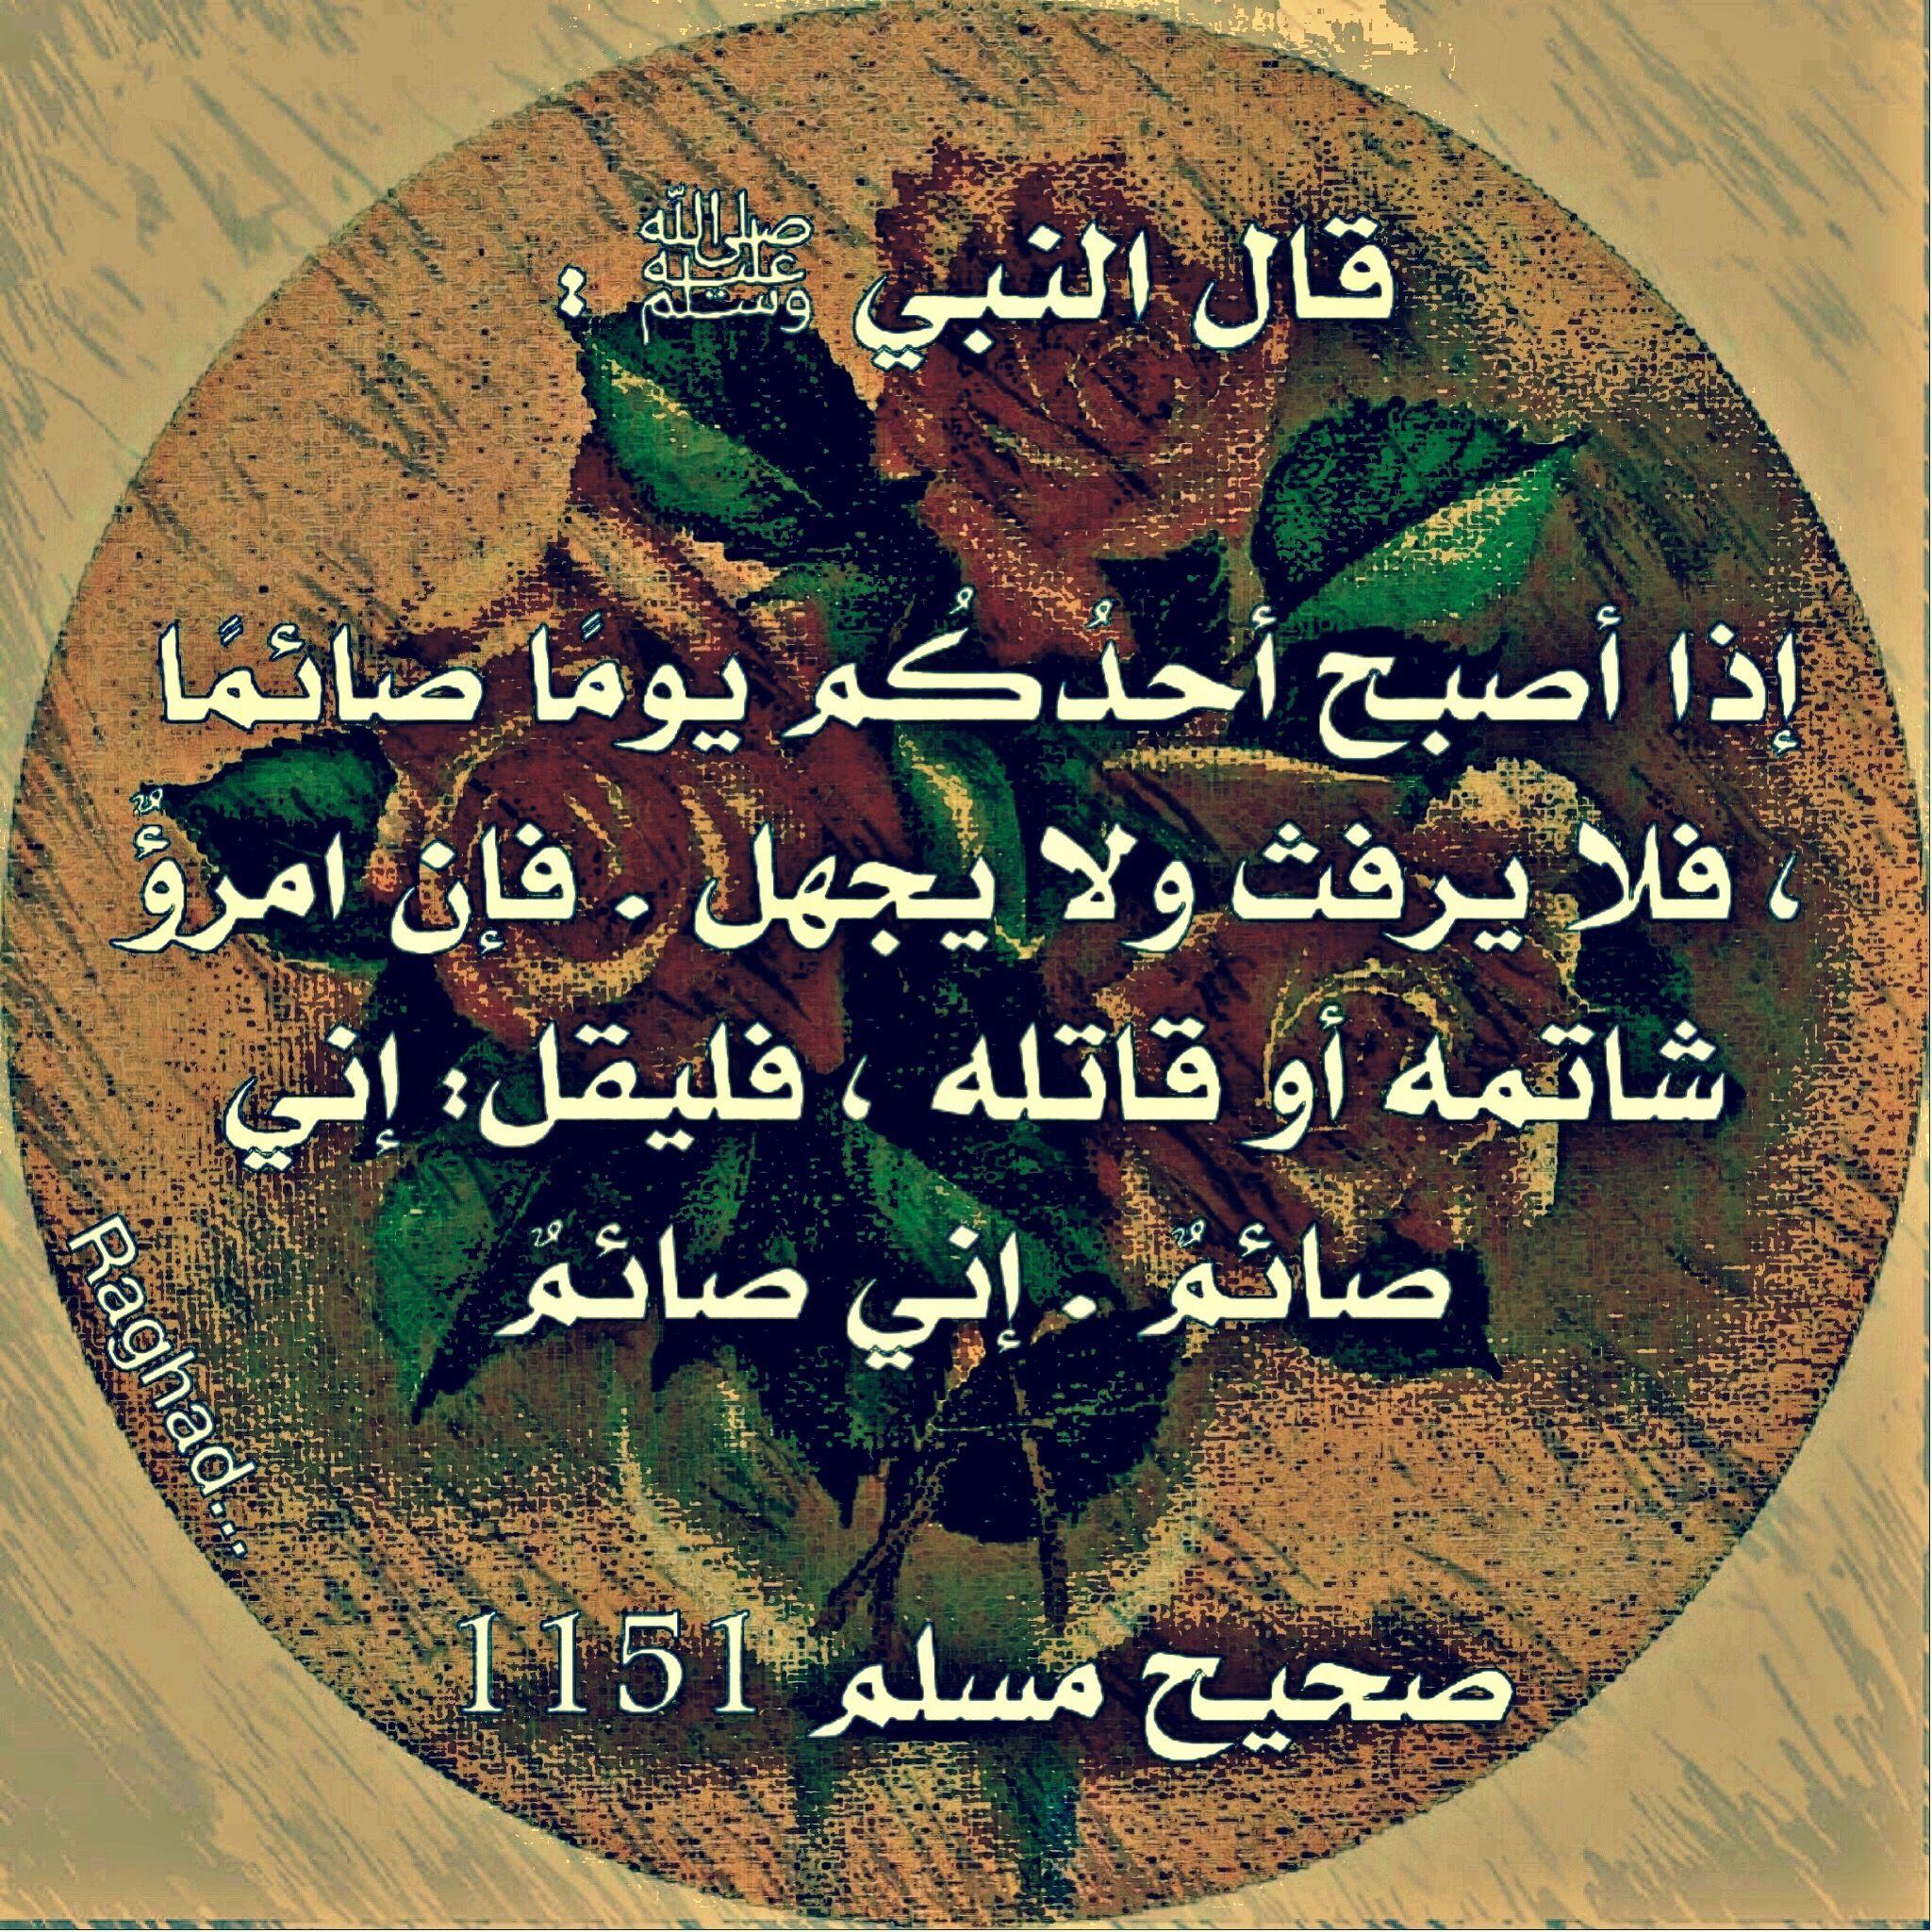 Desertrose اللذ ة الحقيقية التي بوسعك أن تحصل عليها هي سجدة لله بدون موعد أو مناسبة لا تحمل أفكارا أ خرى سوى العبودية بيق Ramadan Kareem Ramadan Kareem